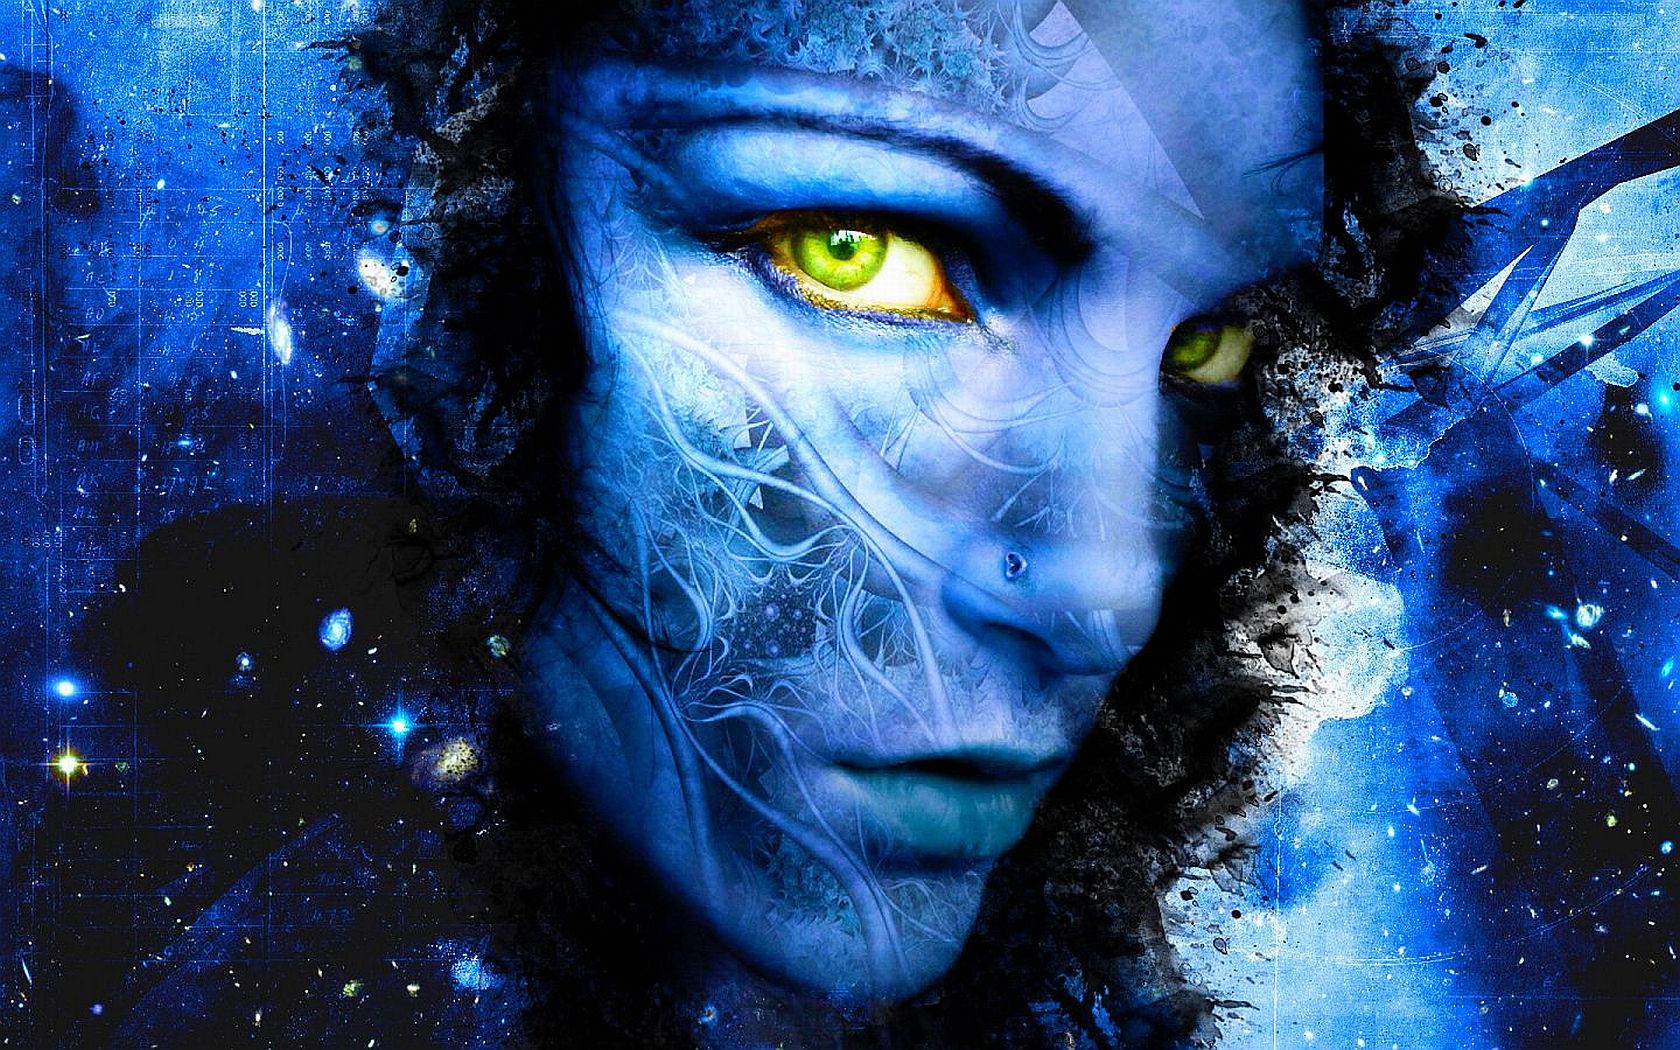 Eye Blue Artistic 1680x1050